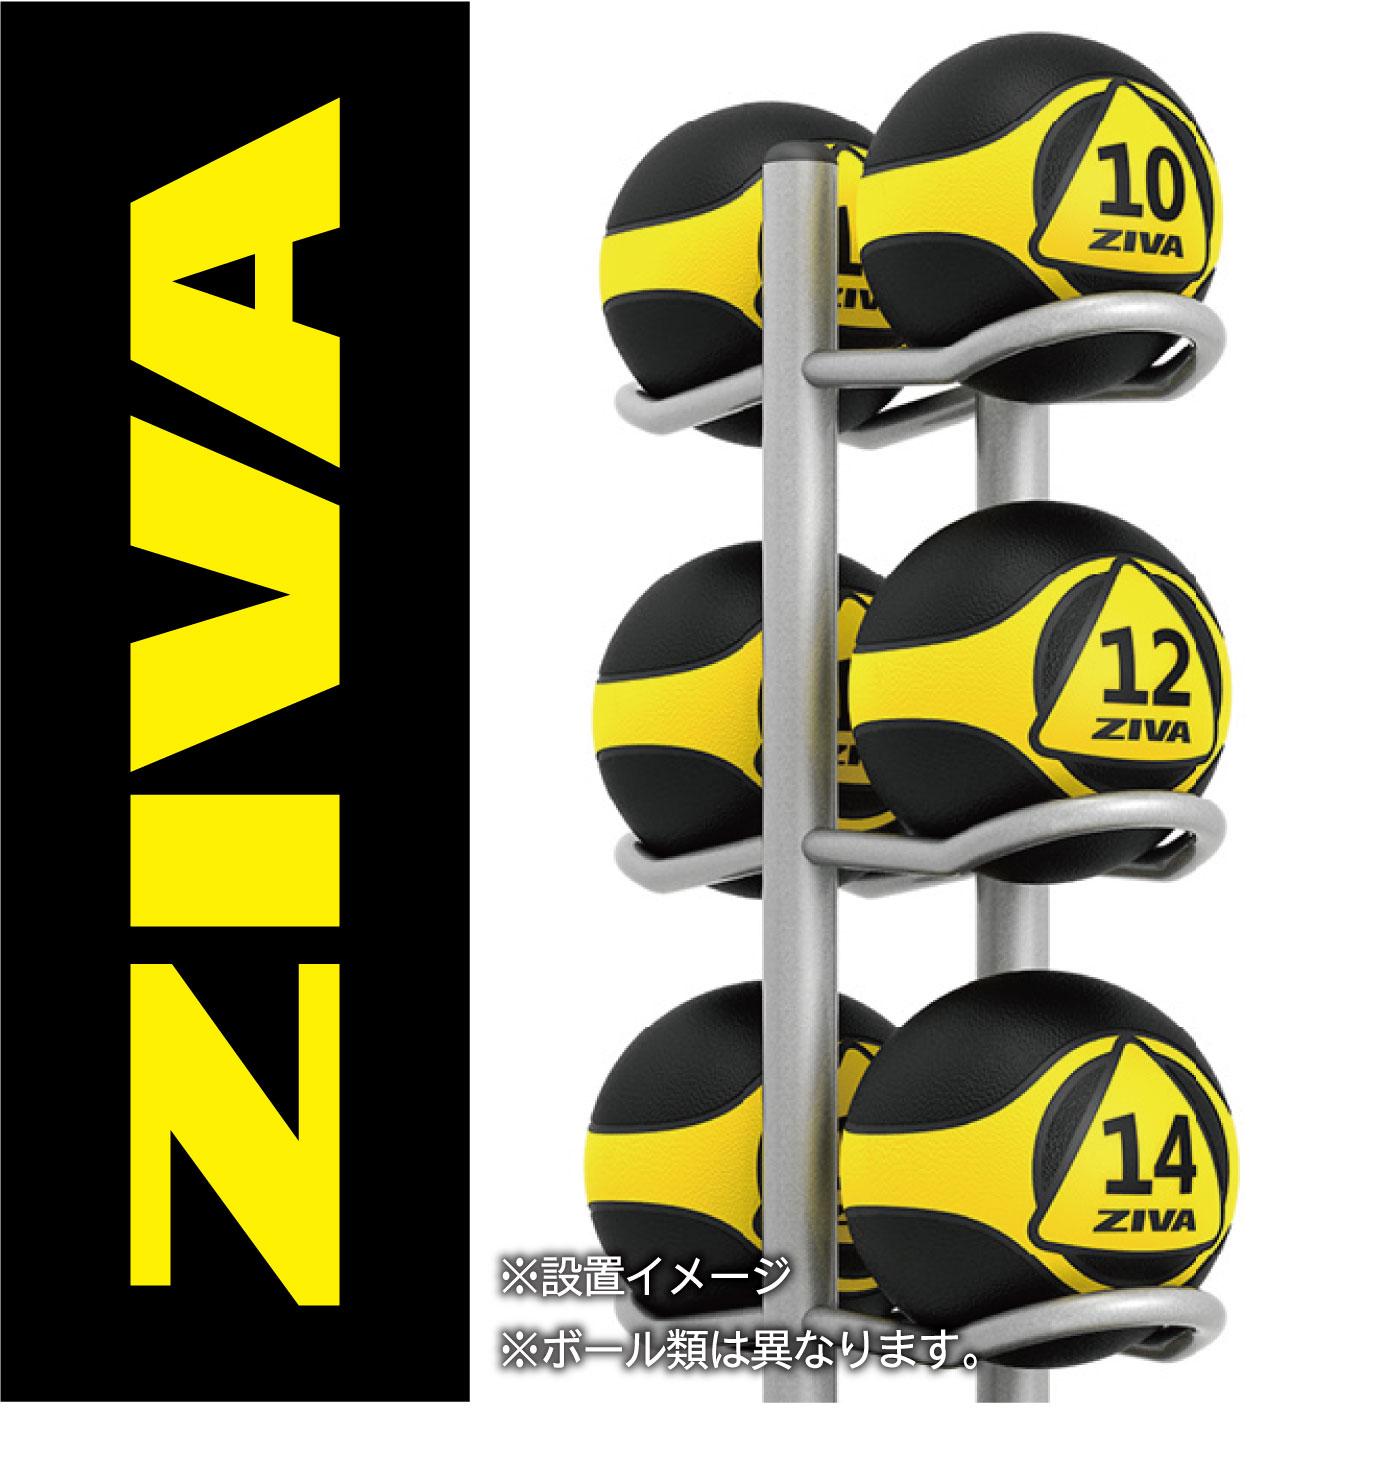 デュアルグリップメディシンボール10個+10マルチボールツリー/ボールラックセット(3kg-10kg)/メディシンボール・ラックセット〈業務用〉《ZIVA(ジーヴァ)》